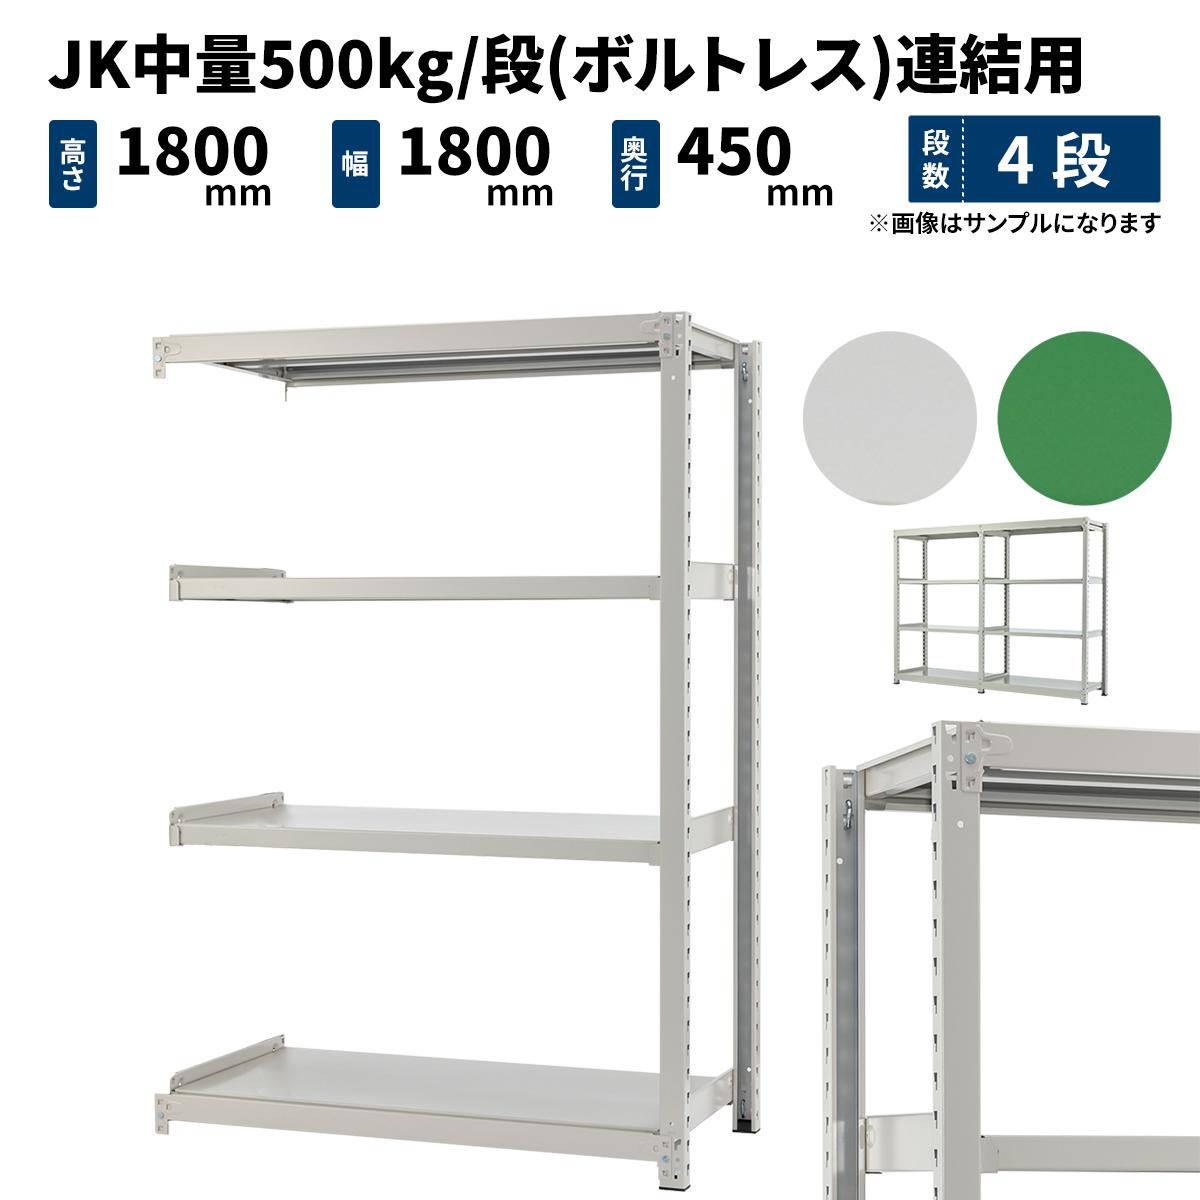 スチールラック 業務用 JK中量500kg/段(ボルトレス) 連結形式 高さ1800×幅1800×奥行450mm 4段 ホワイトグレー/グリーン (79kg) JK500_R-181845-4